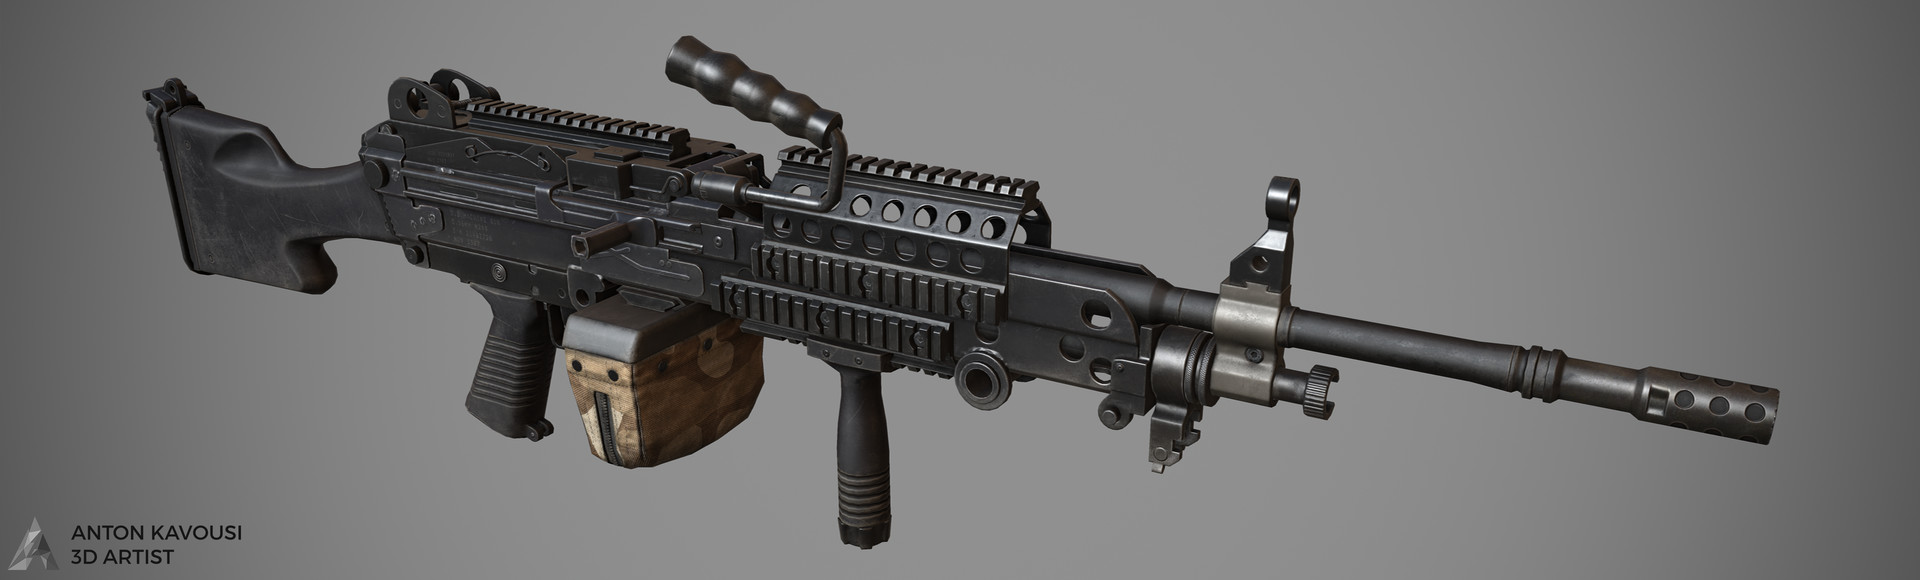 Anton Kavousi M249 Saw